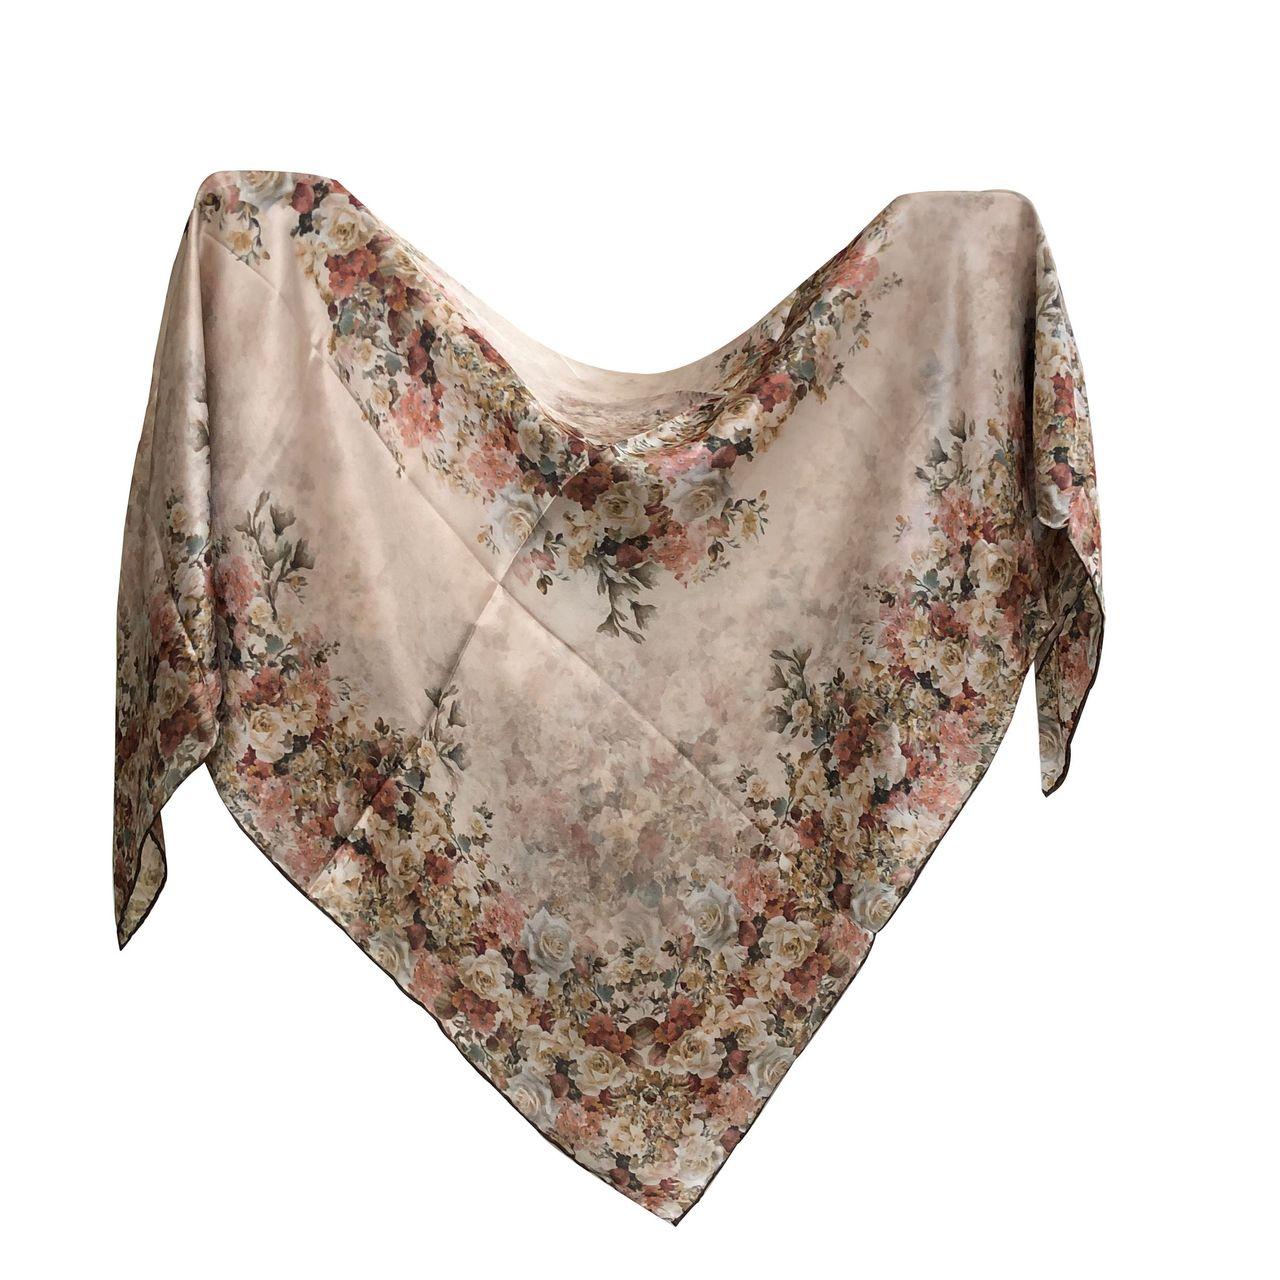 روسری زنانه  ابریشم مامی دست دوز میس رسپینا مدل 10